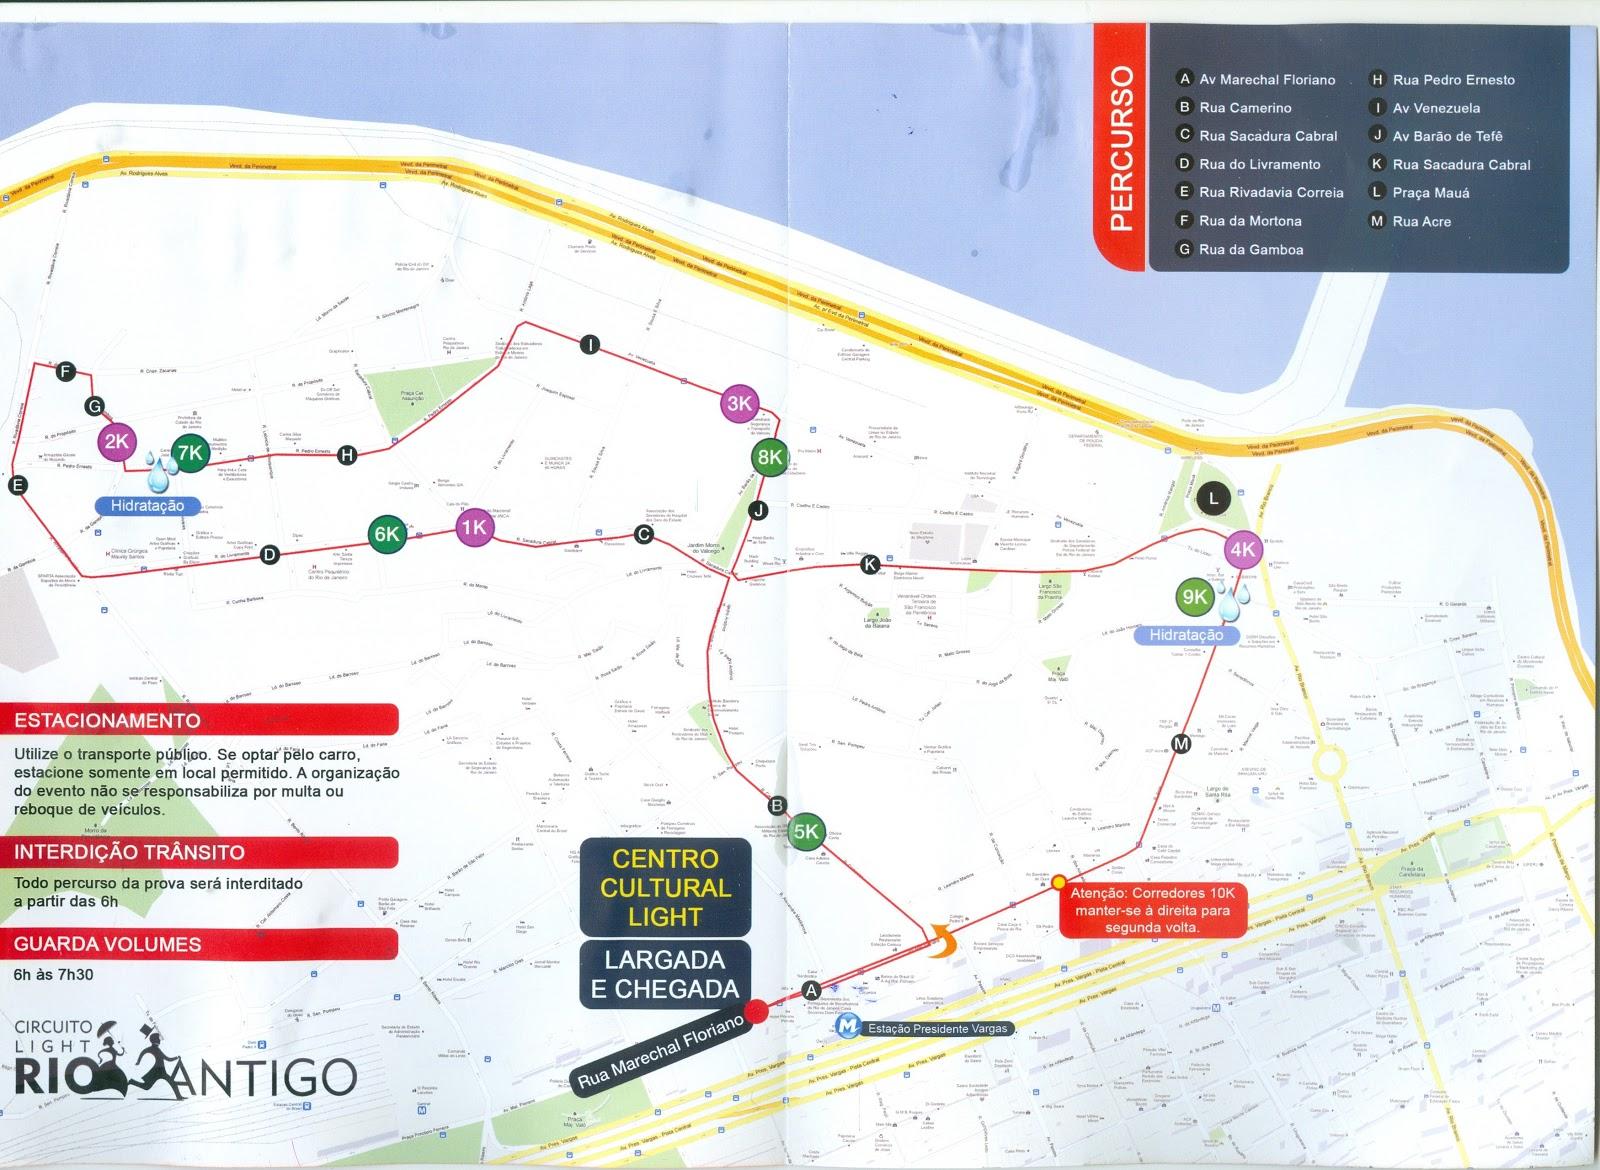 Circuito Rio Antigo : Circuito rio antigo dezembro jornal corpo movimento